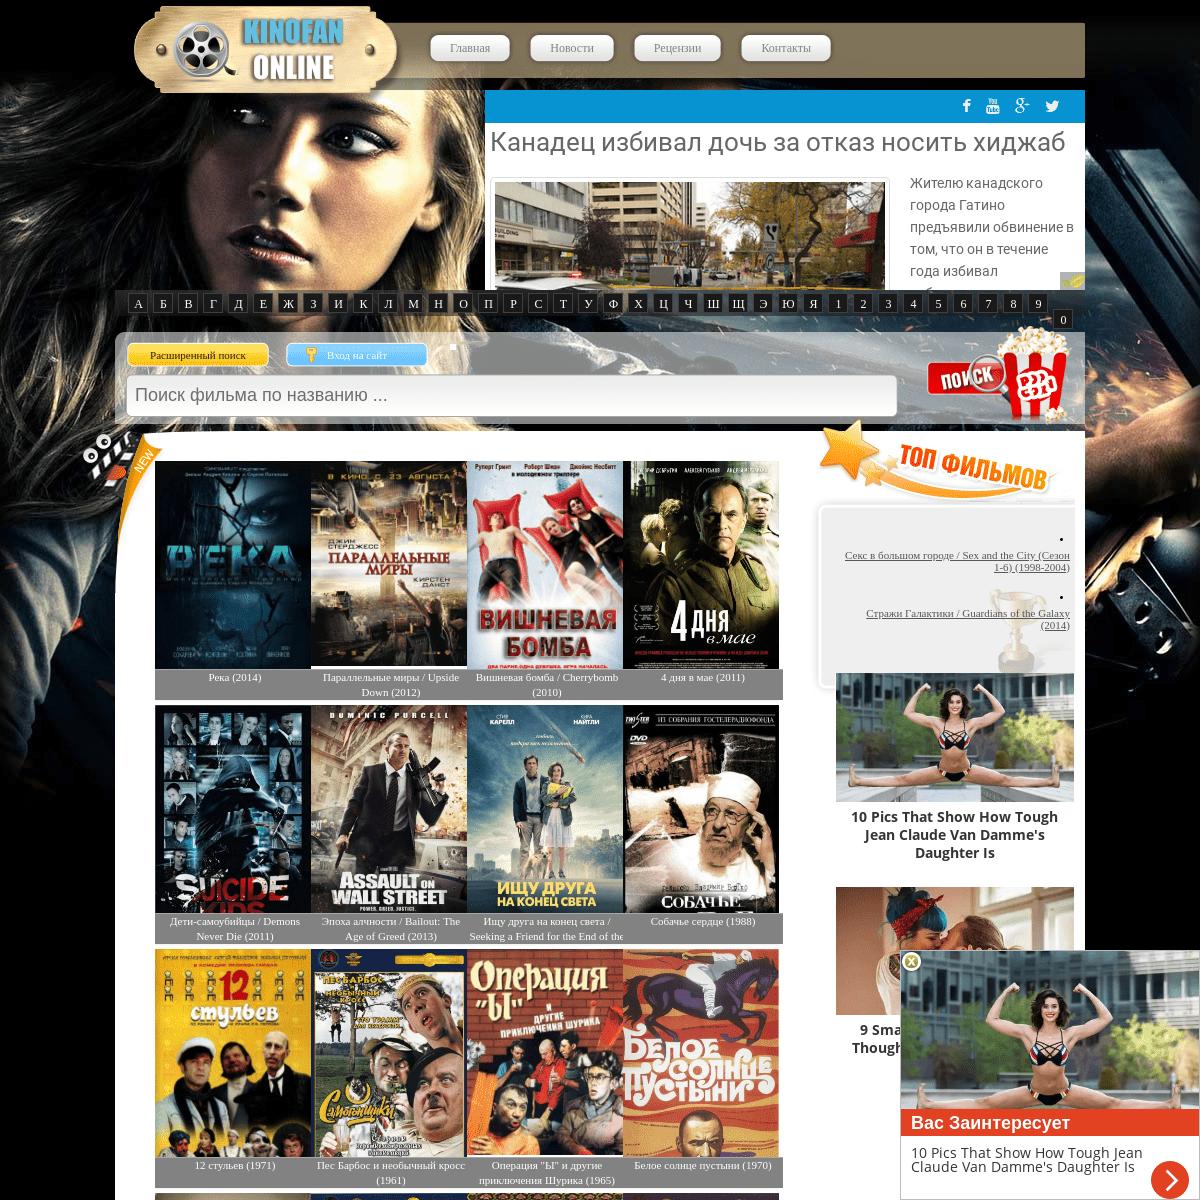 Смотреть хорошее кино фильмы и сериалы онлайн бесплатно в хорошем кач